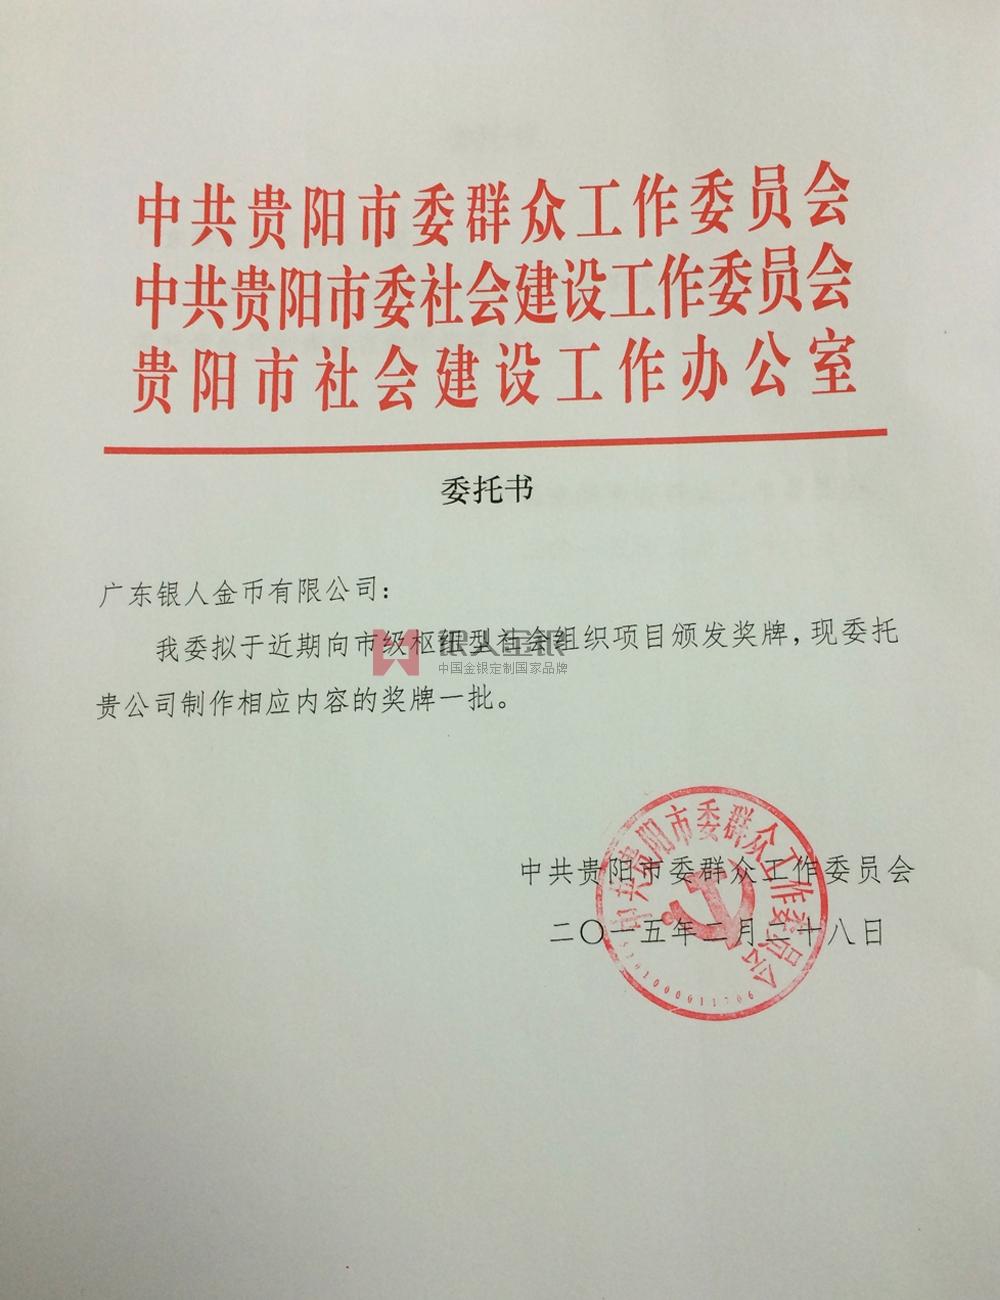 中共贵阳市委纪念牌万博体育app官方下载